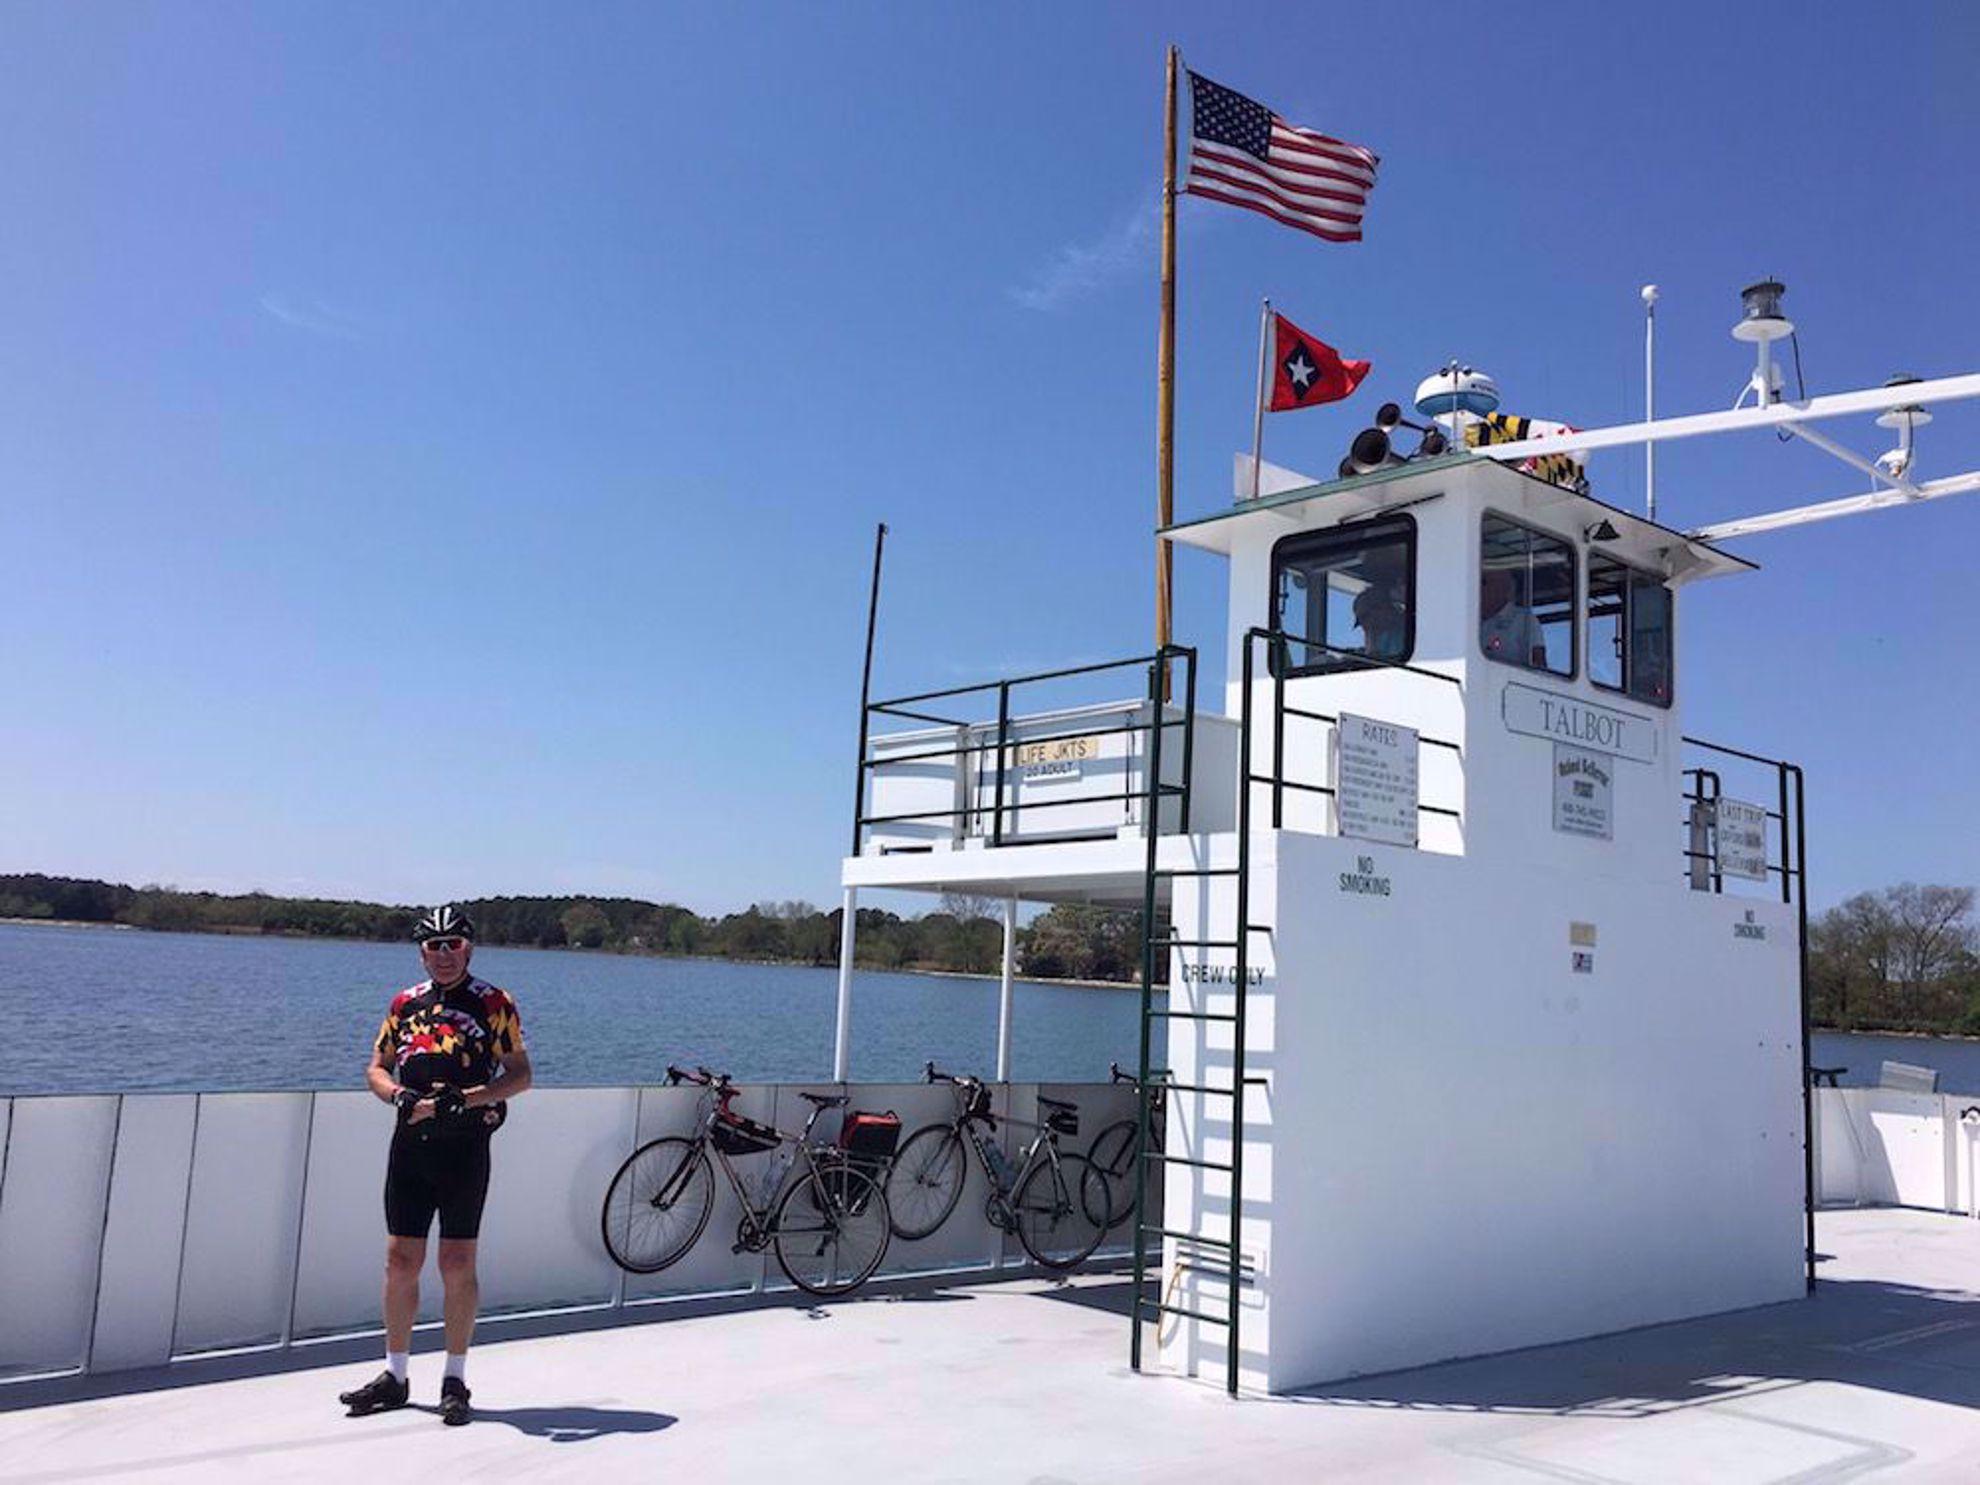 Oxford ferry